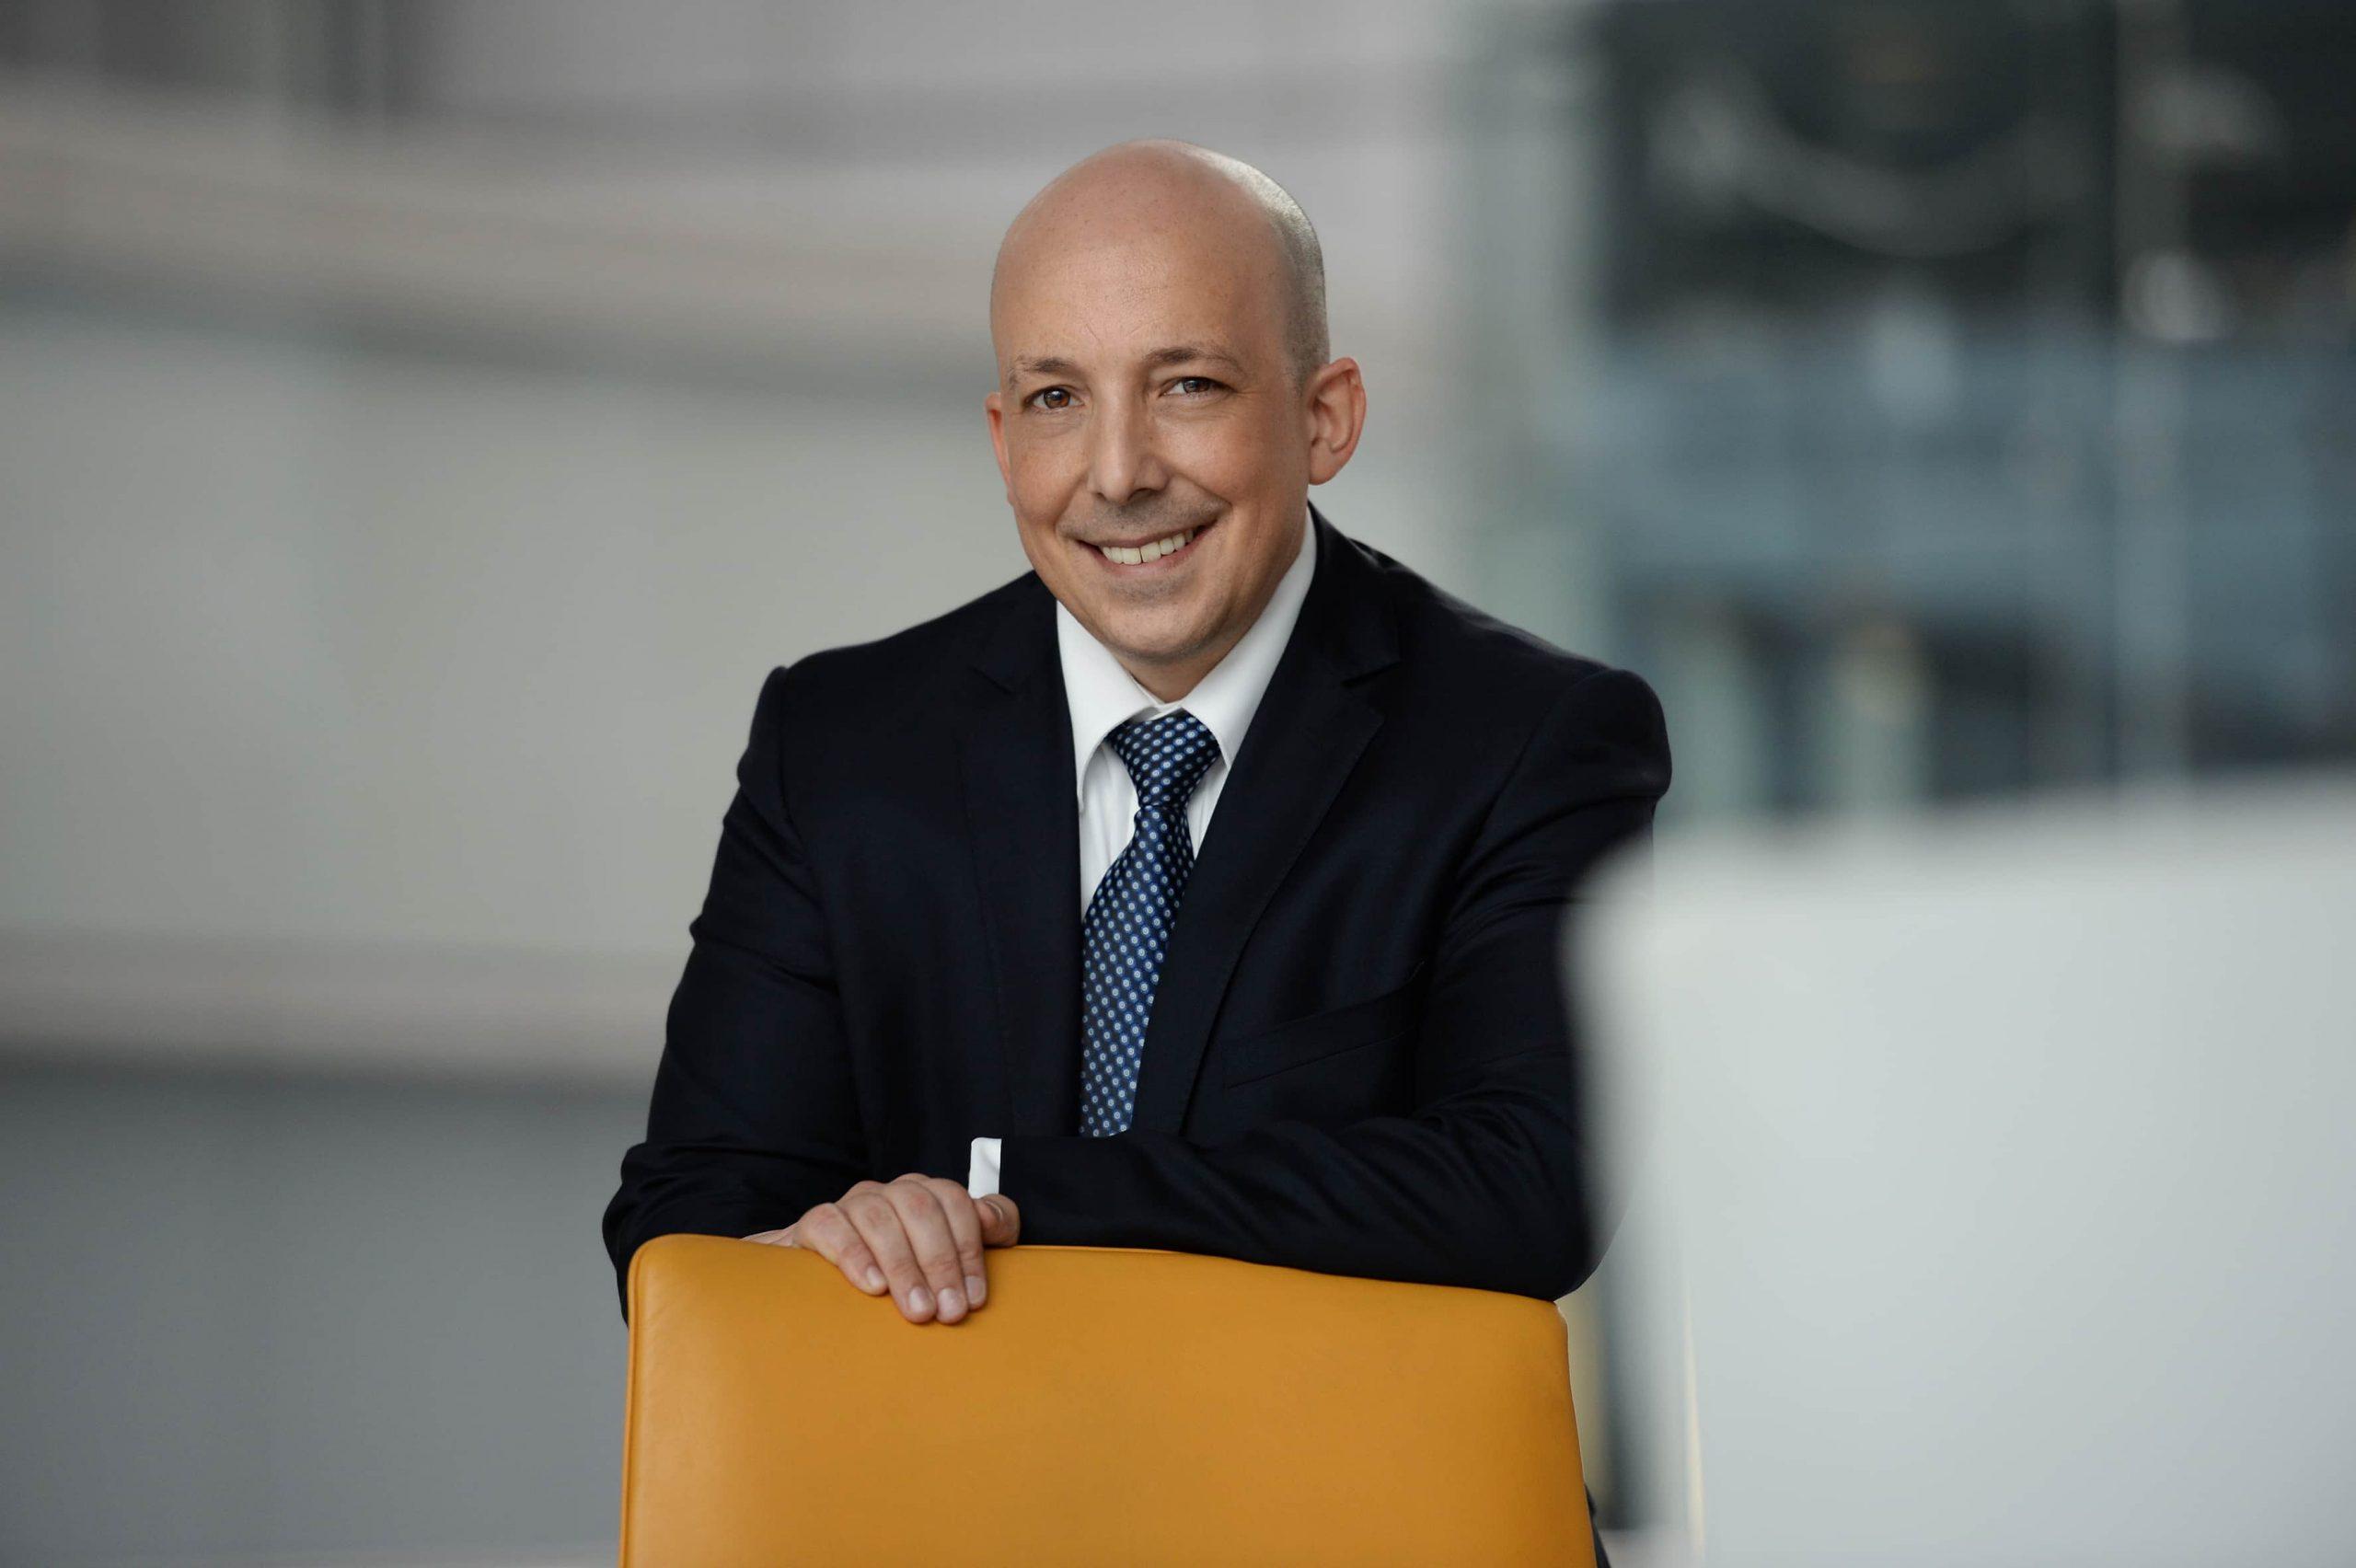 Interview mit Prof. Dr. Veit Etzold auf nspireothers.com